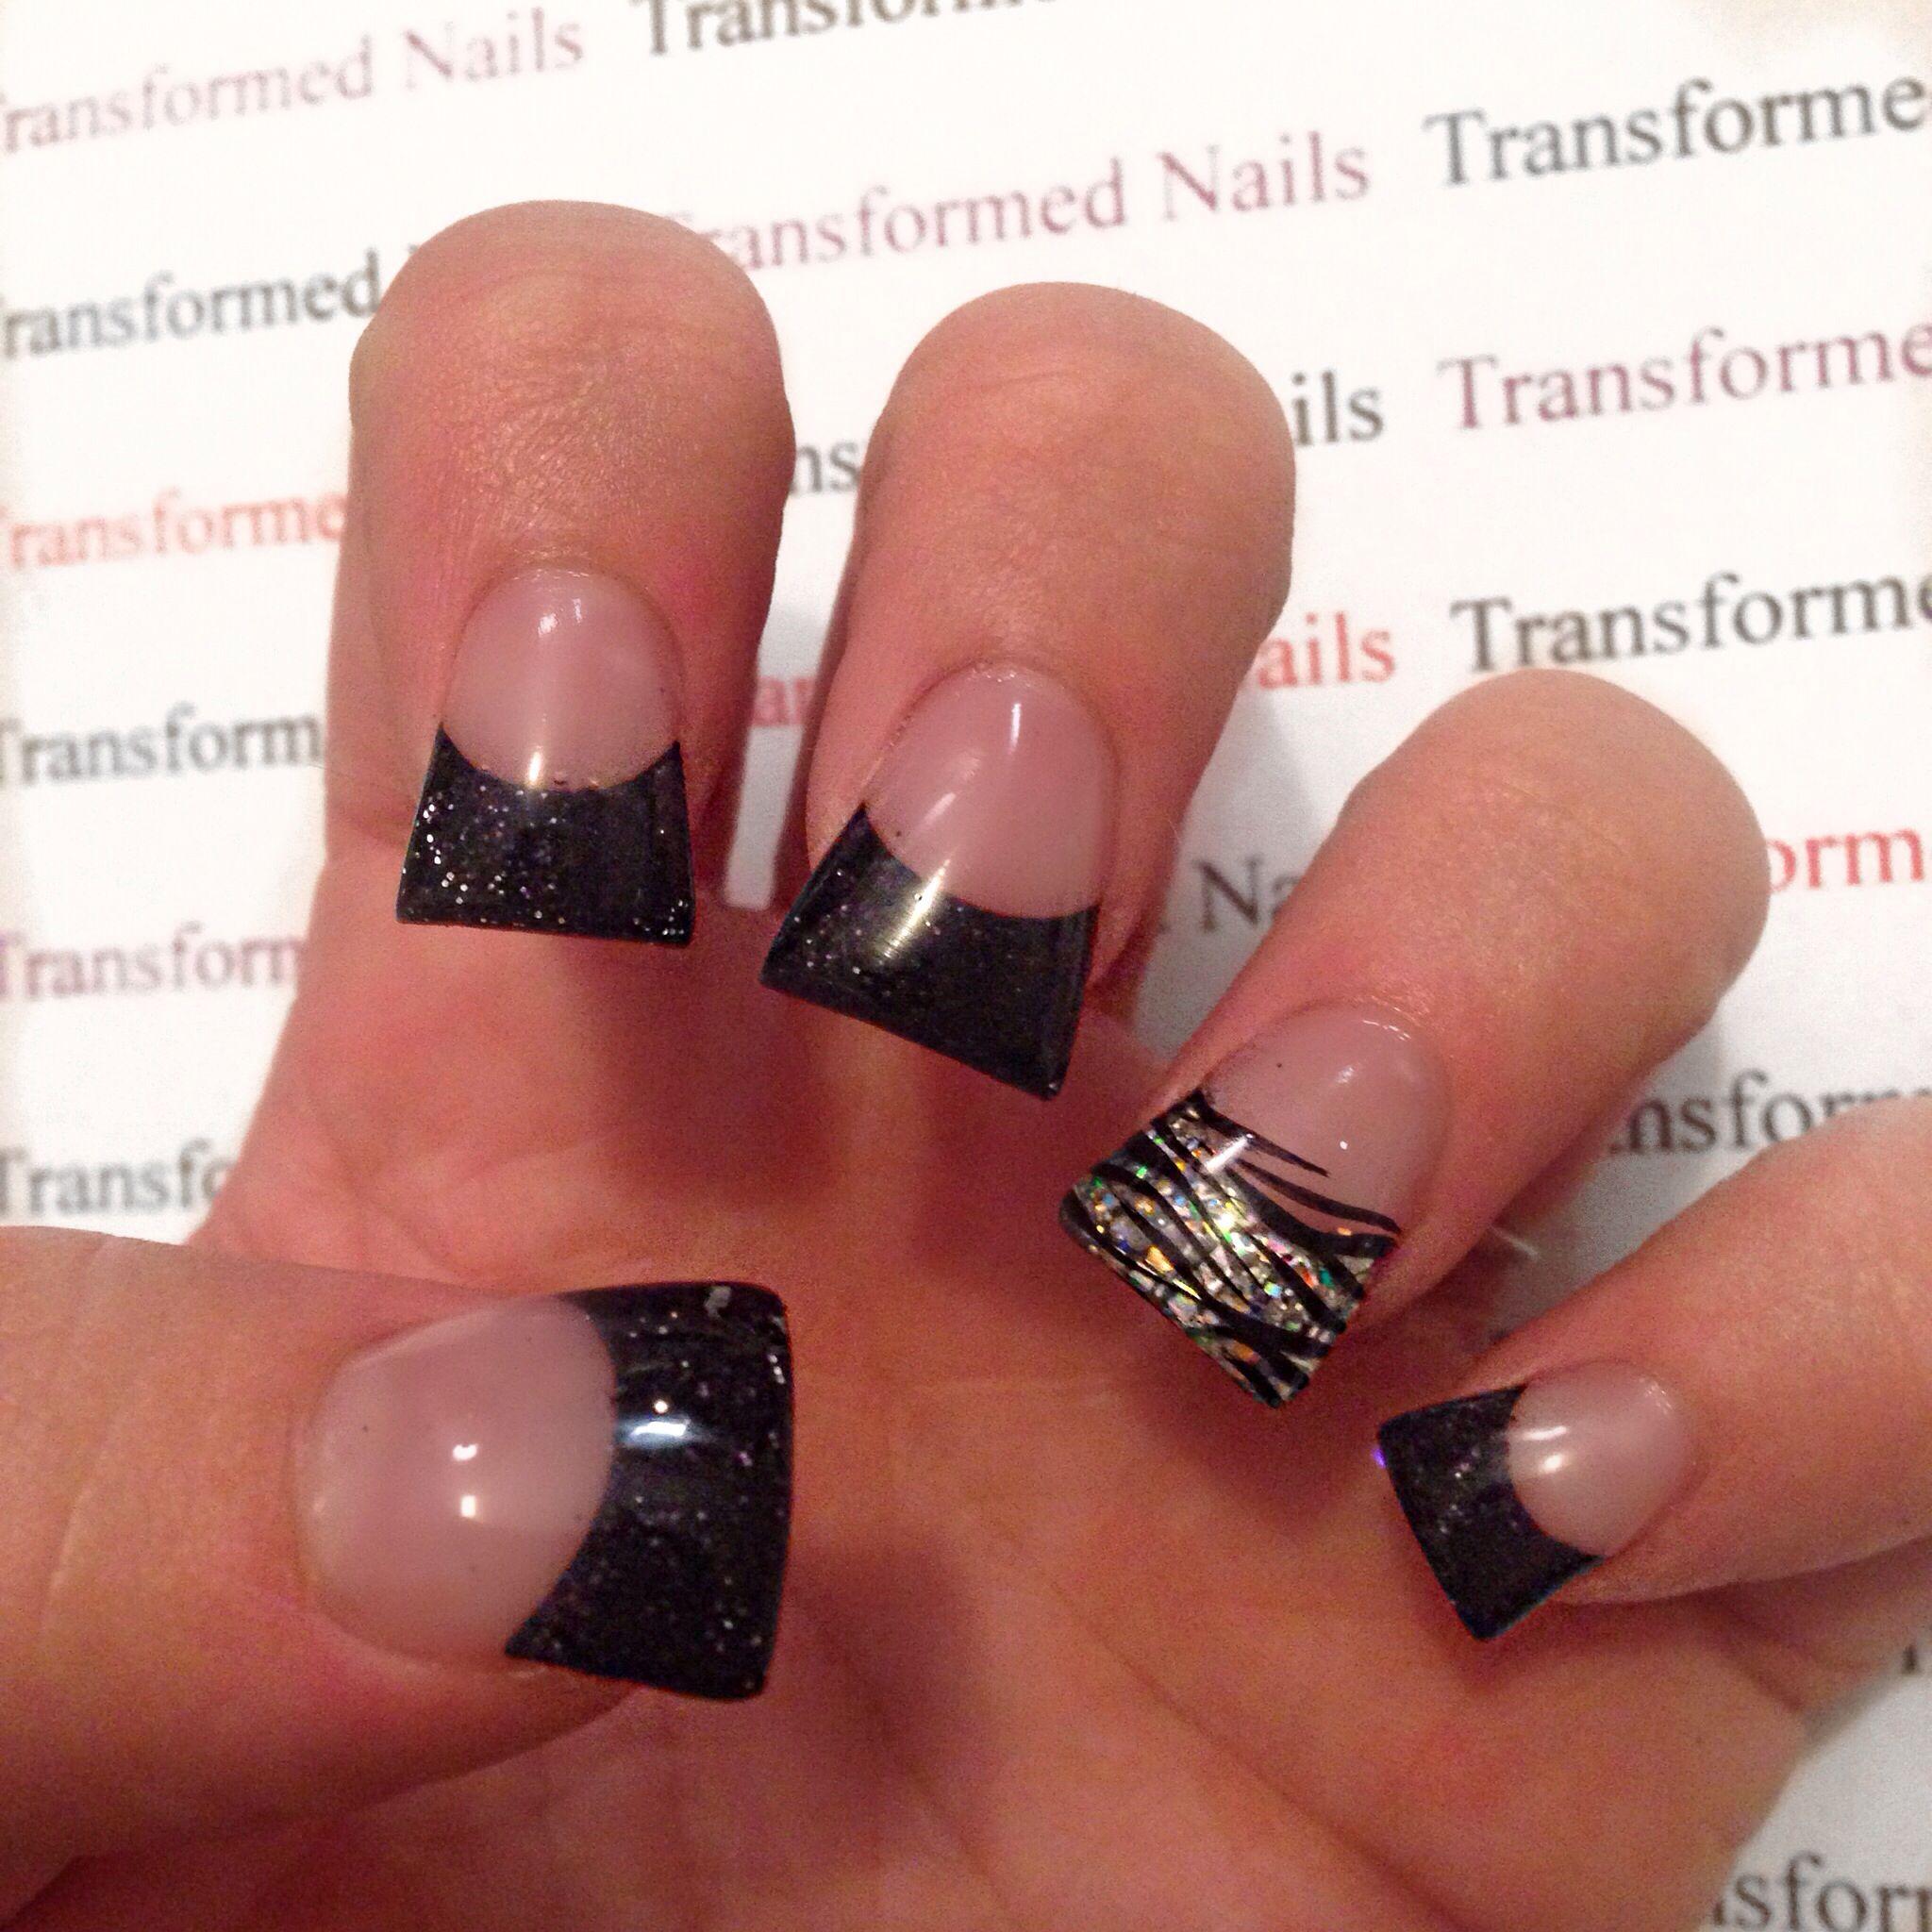 Flared Acrylic Nails Flare Nails Flare Acrylic Nails Zebra Nails